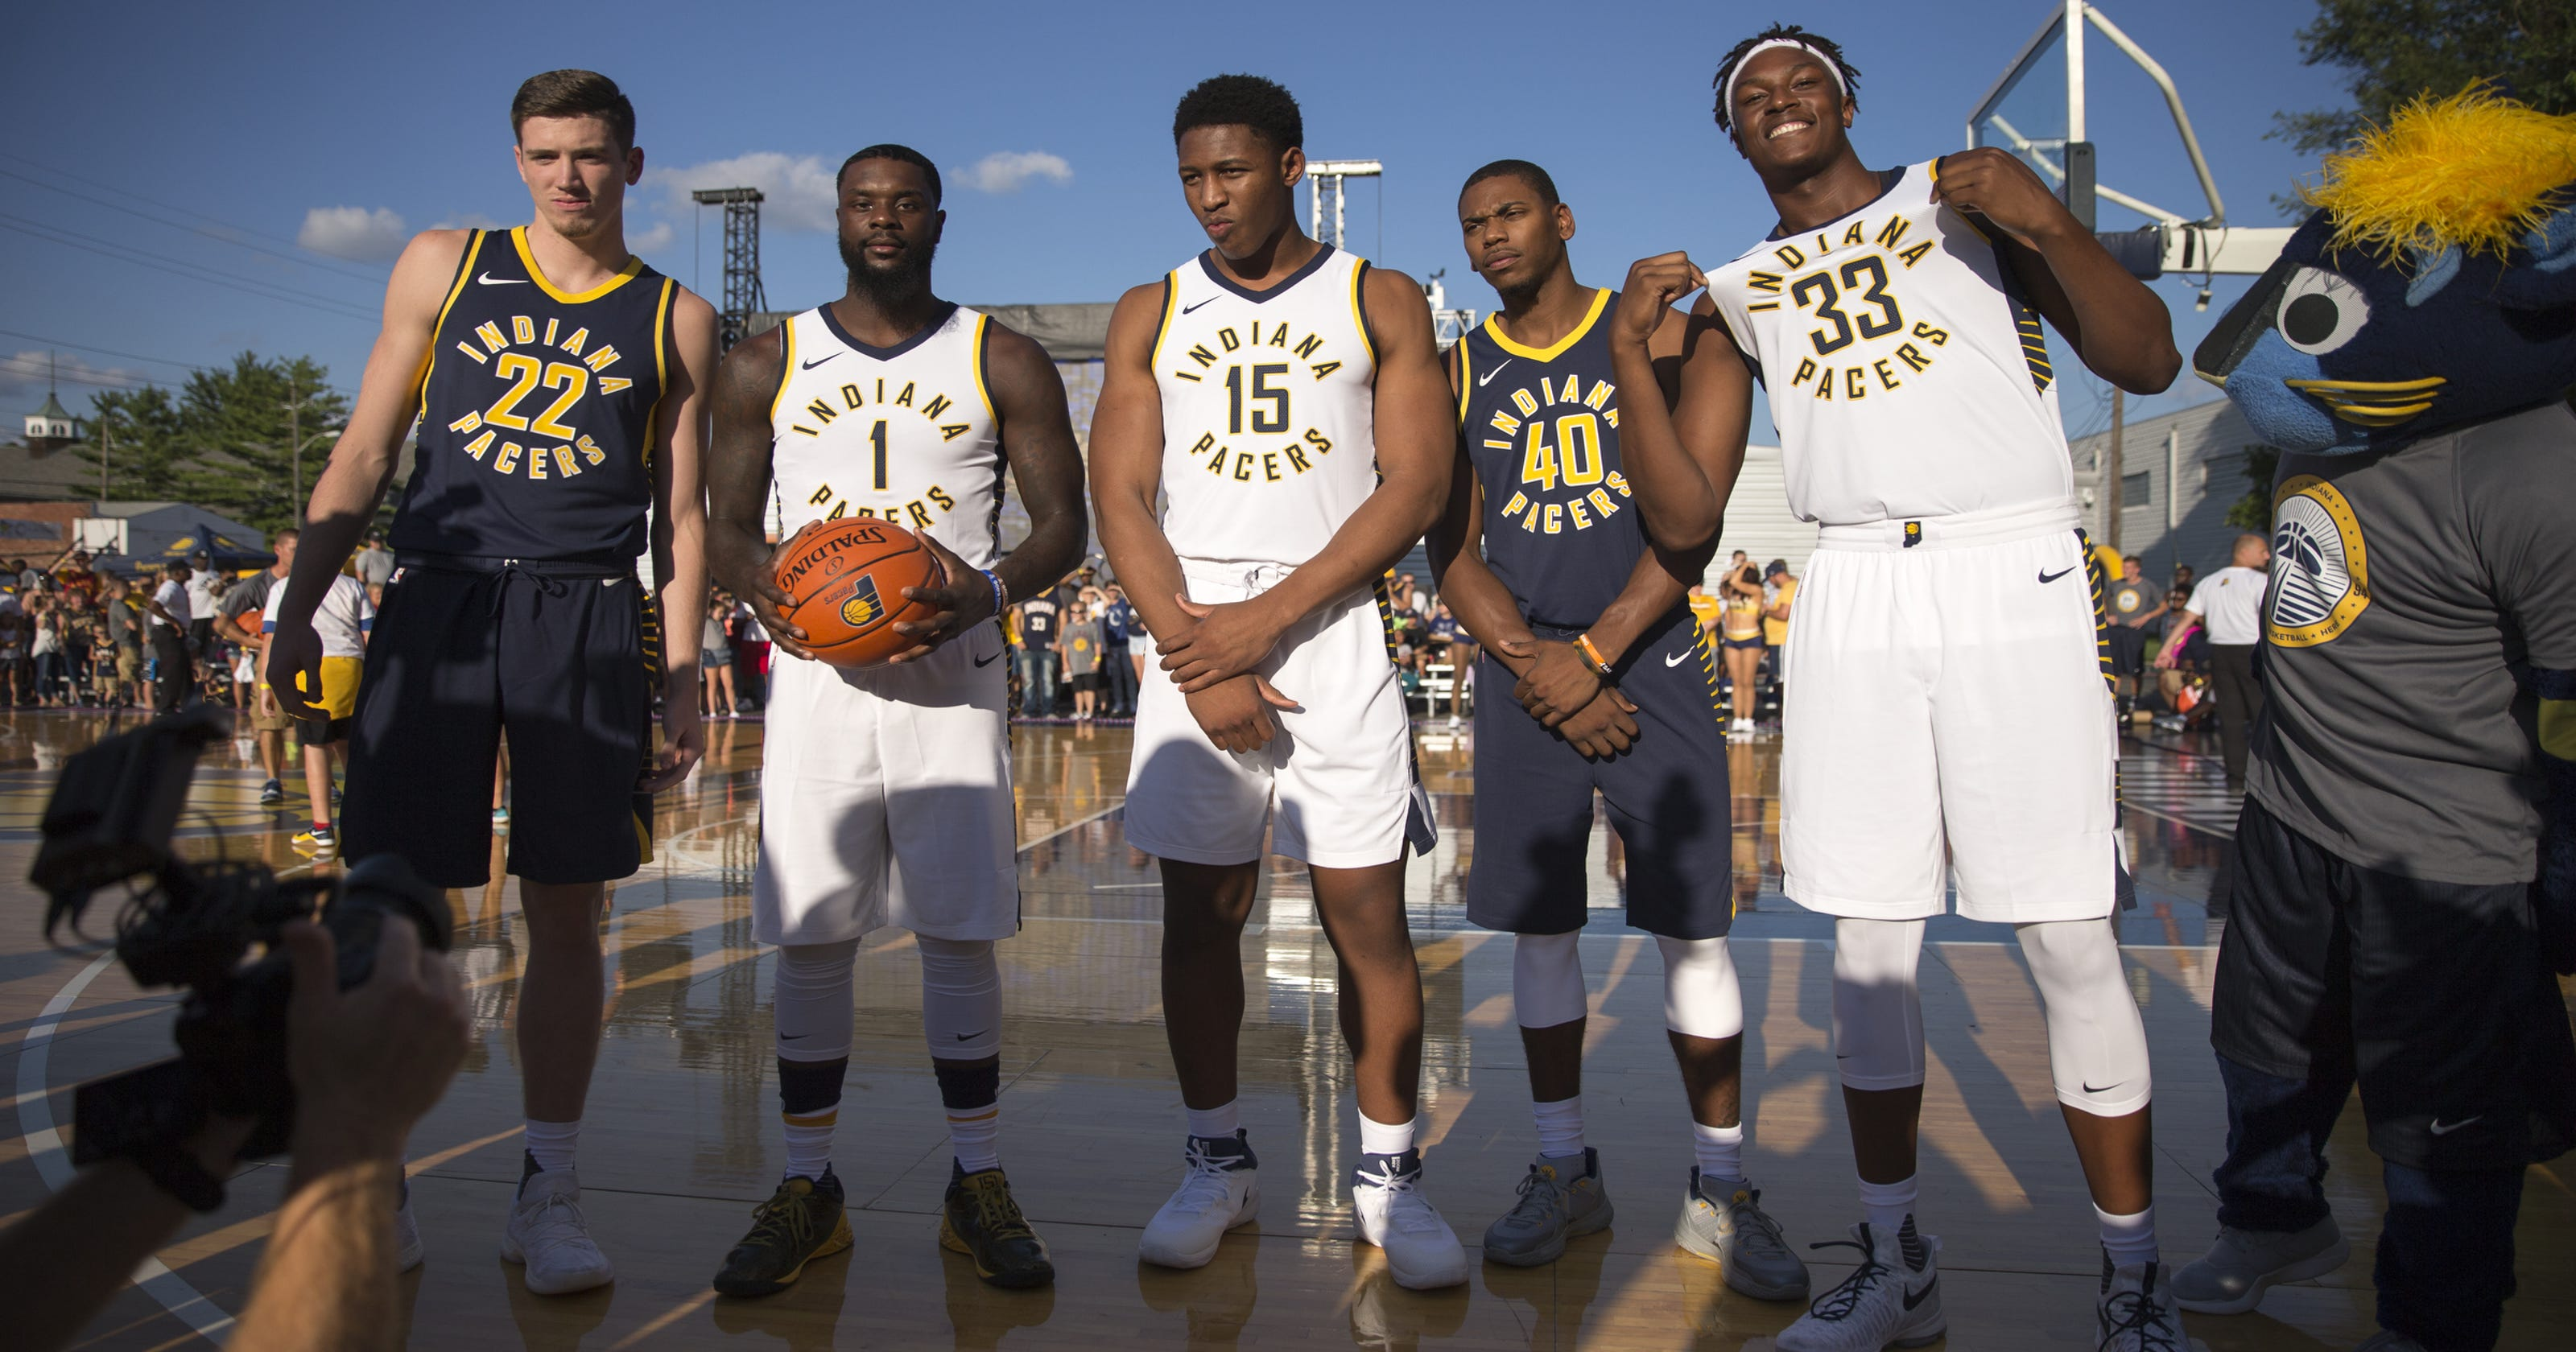 334de68792c Indiana Pacers unveil new Nike uniform